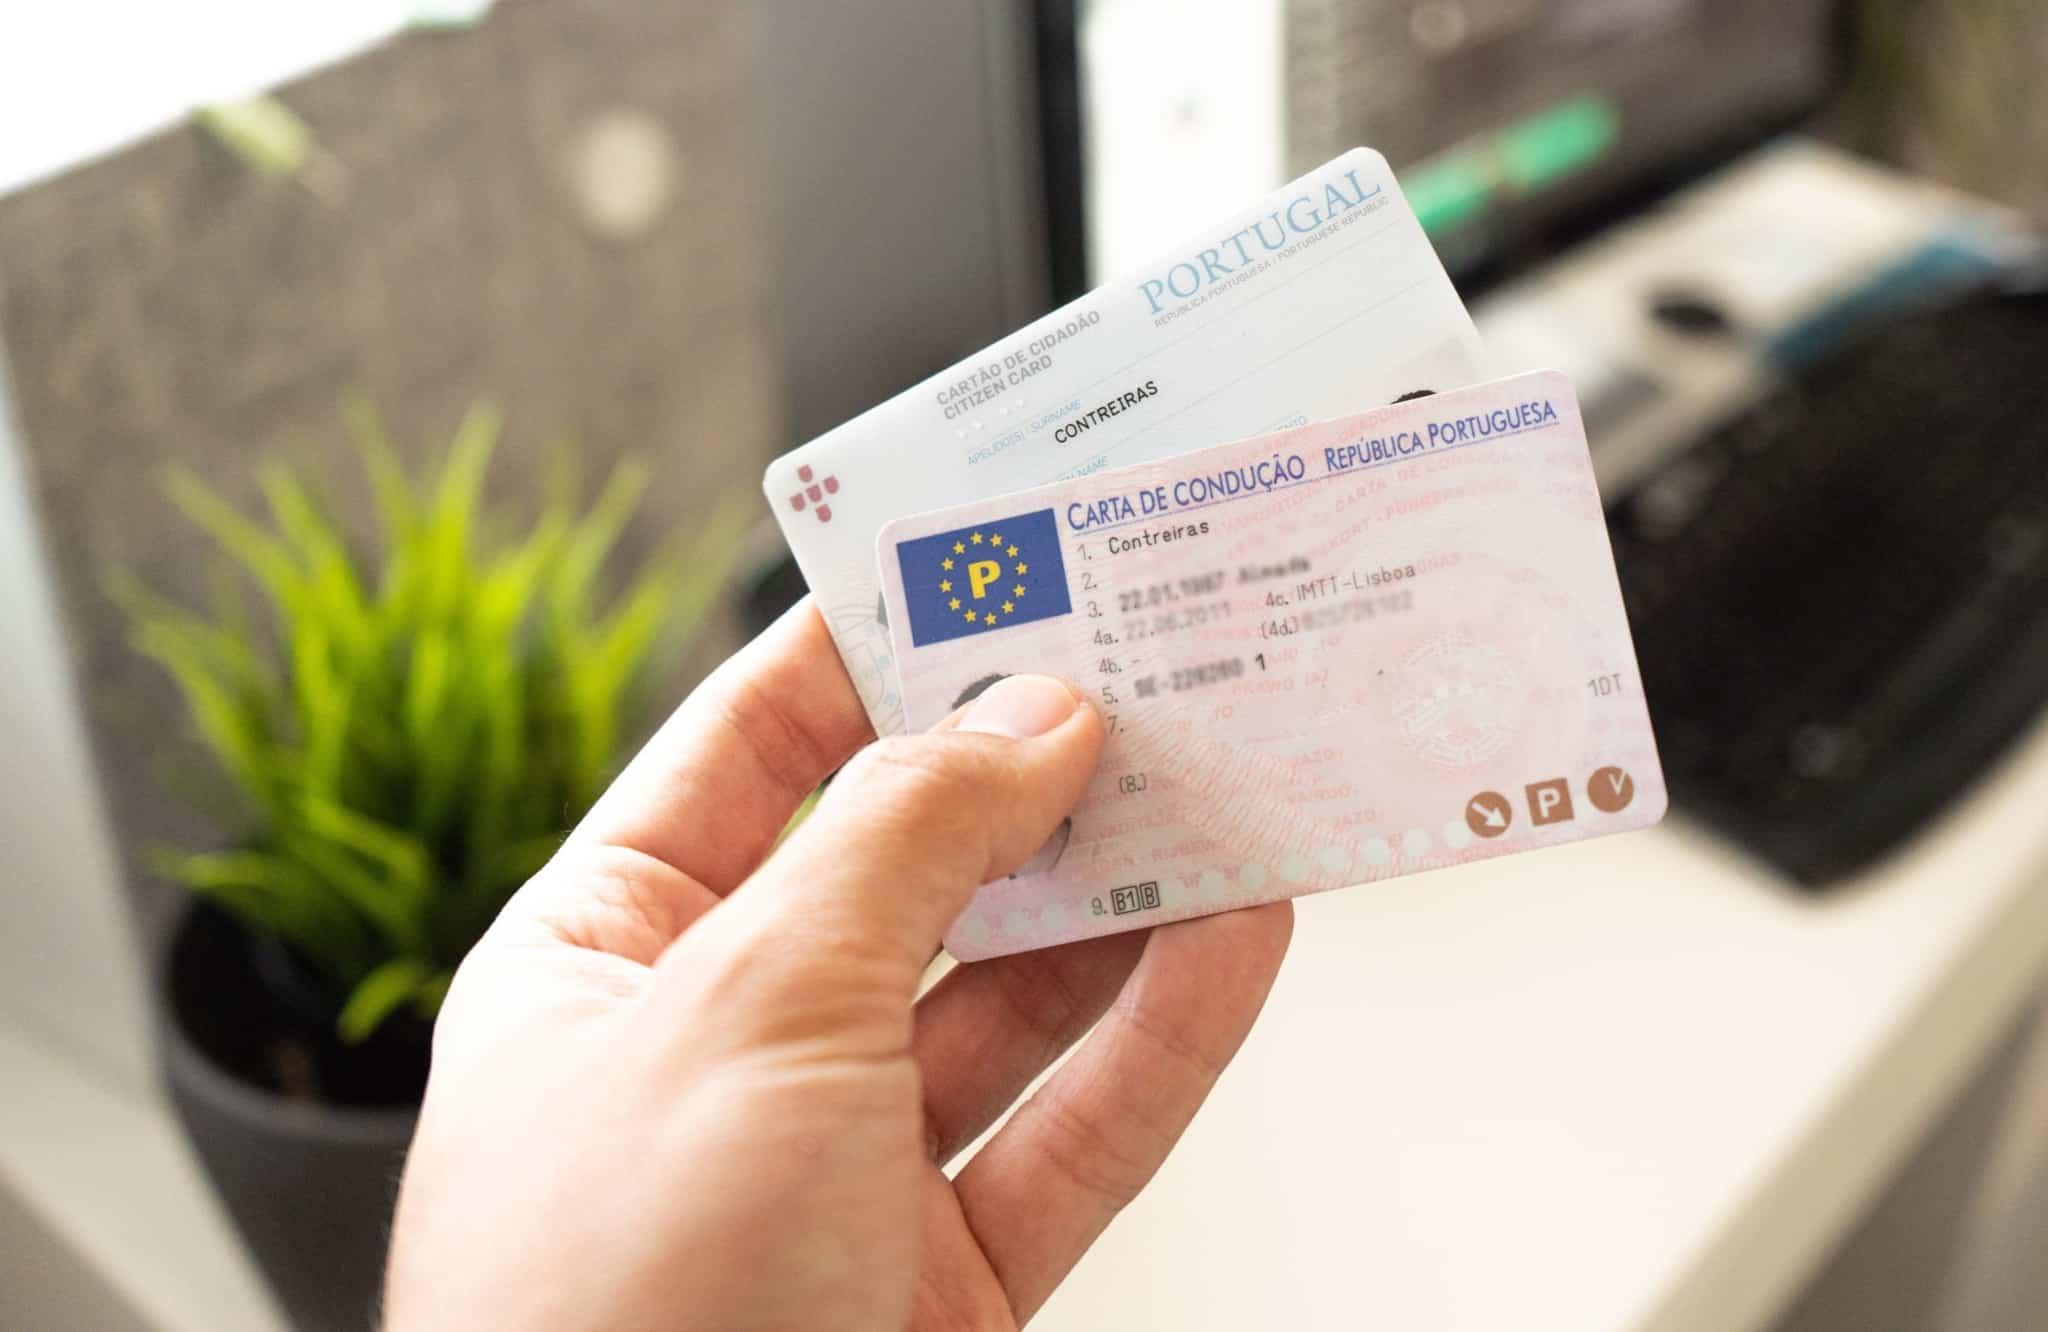 mostrar carta de condução e cartão de cidadão